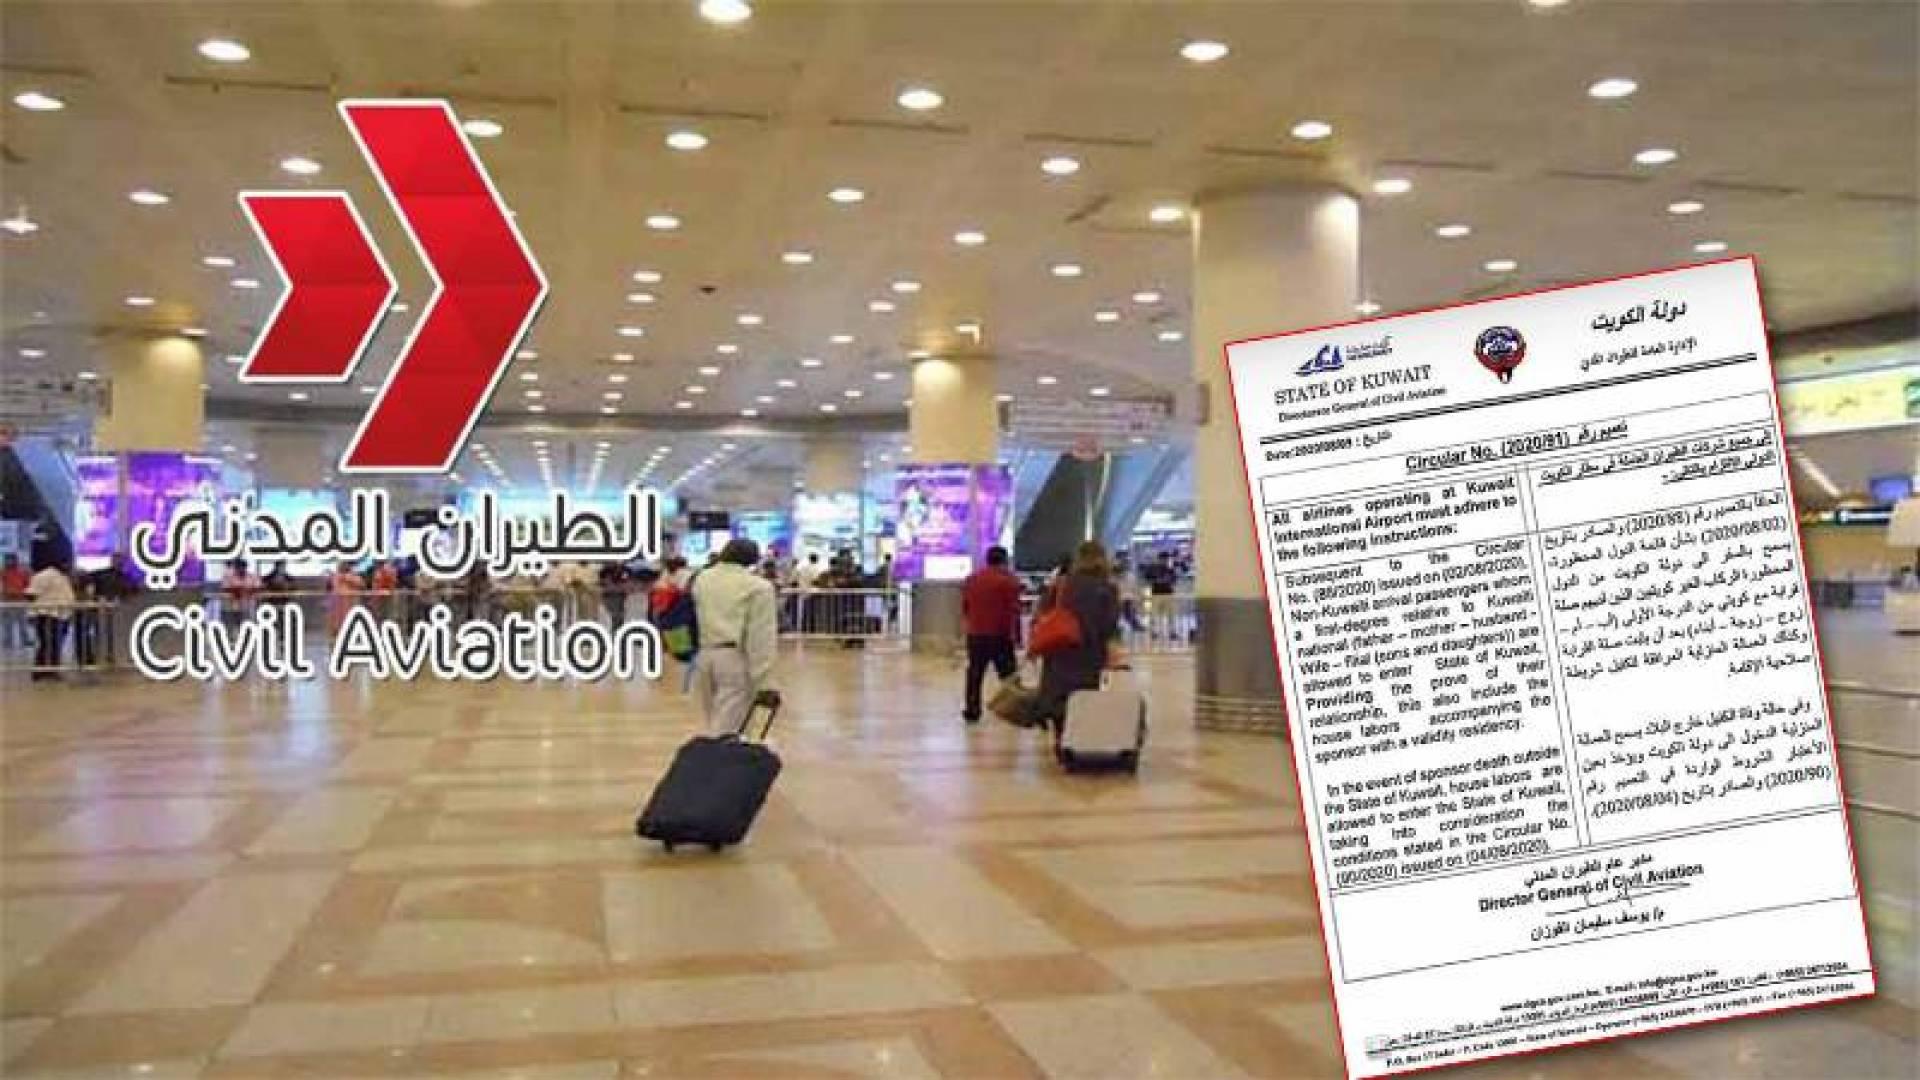 السماح بدخول غير الكويتيين من الدول الـ31 المحظورة ممن لديهم صلة قرابة مع كويتي